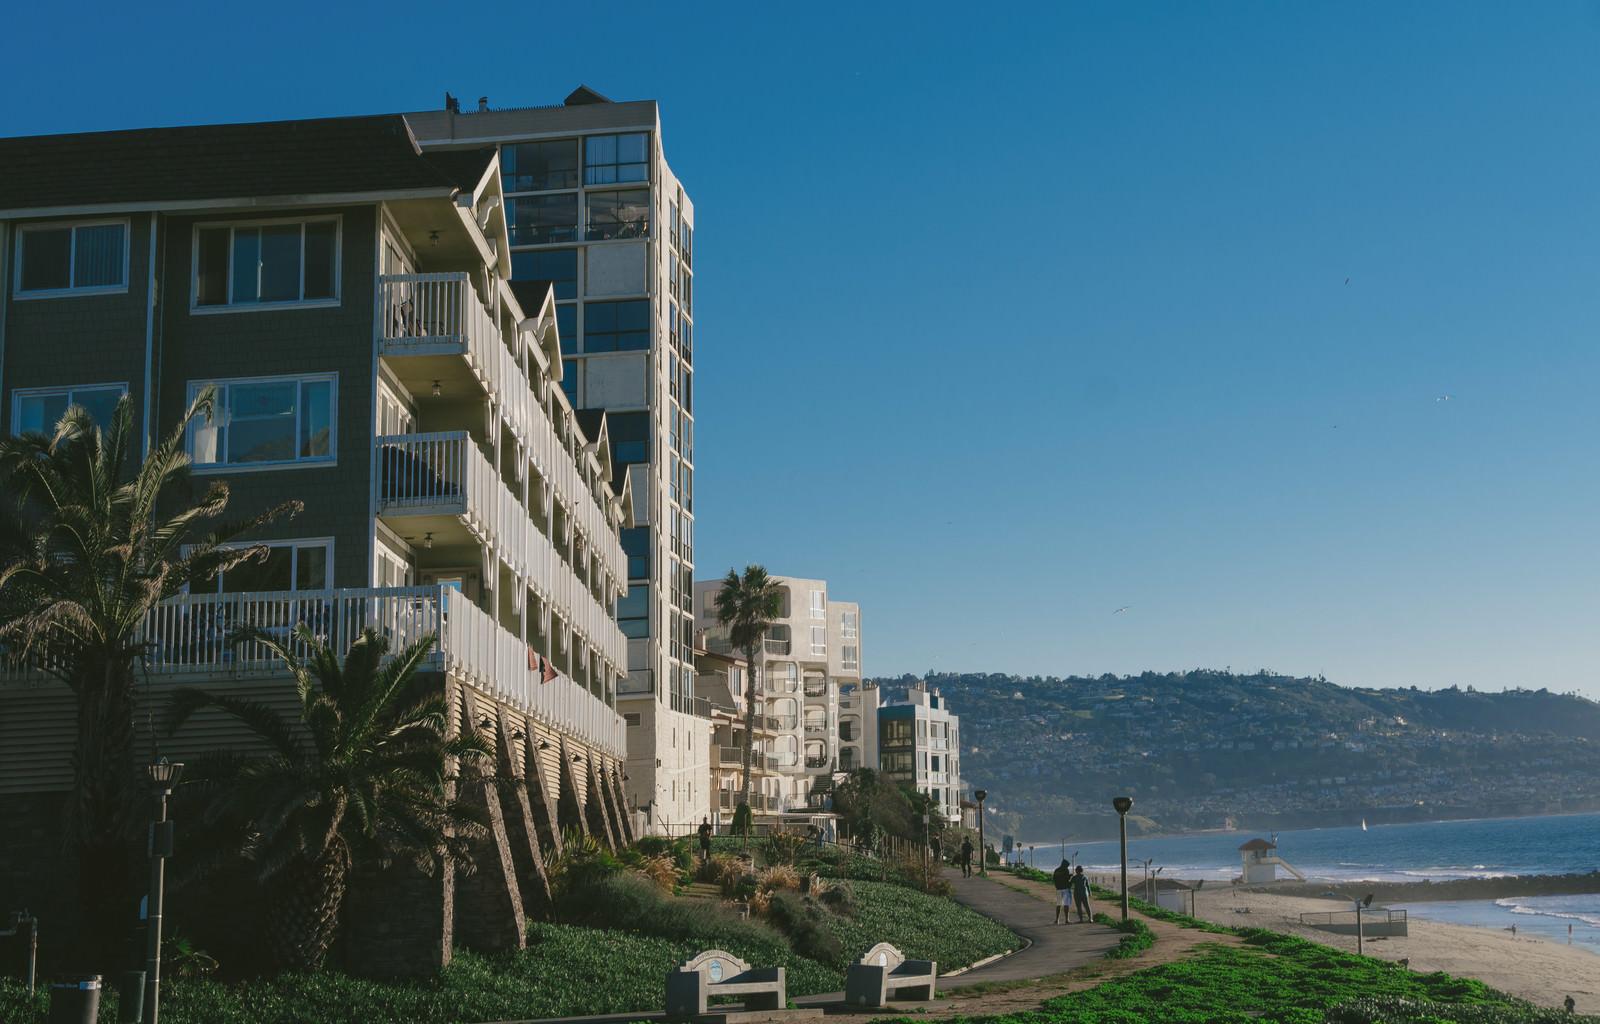 「レドンドビーチと建物レドンドビーチと建物」のフリー写真素材を拡大